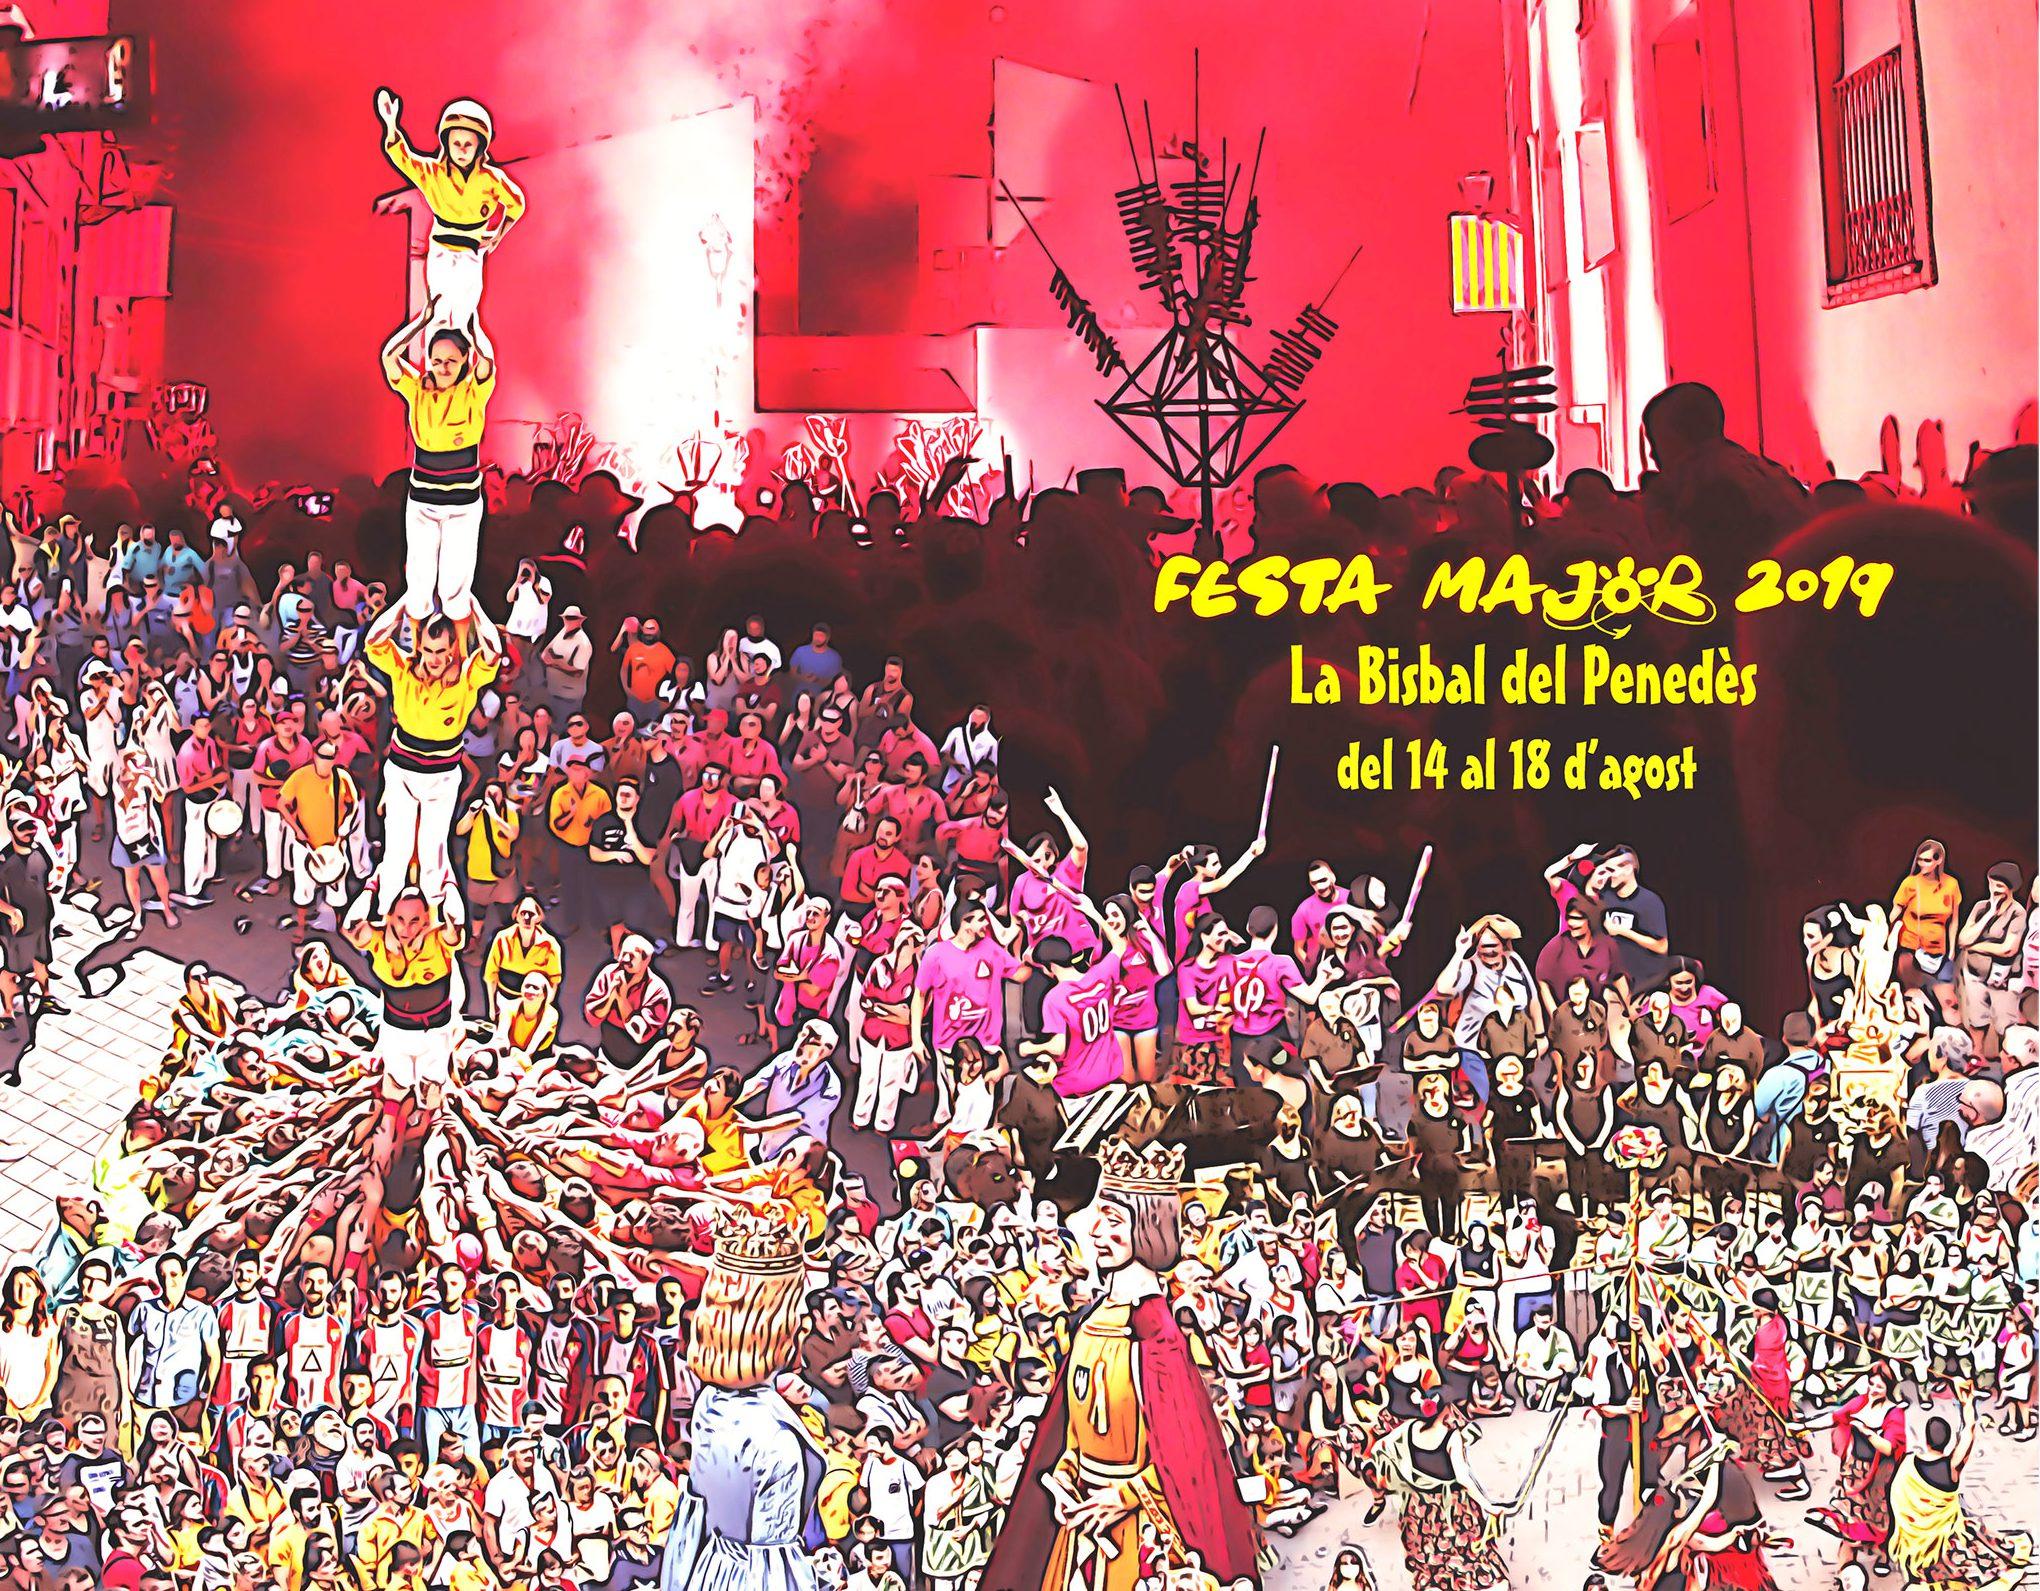 Ja us podeu descarregar el programa de la Festa Major 2019 de la Bisbal del Penedès